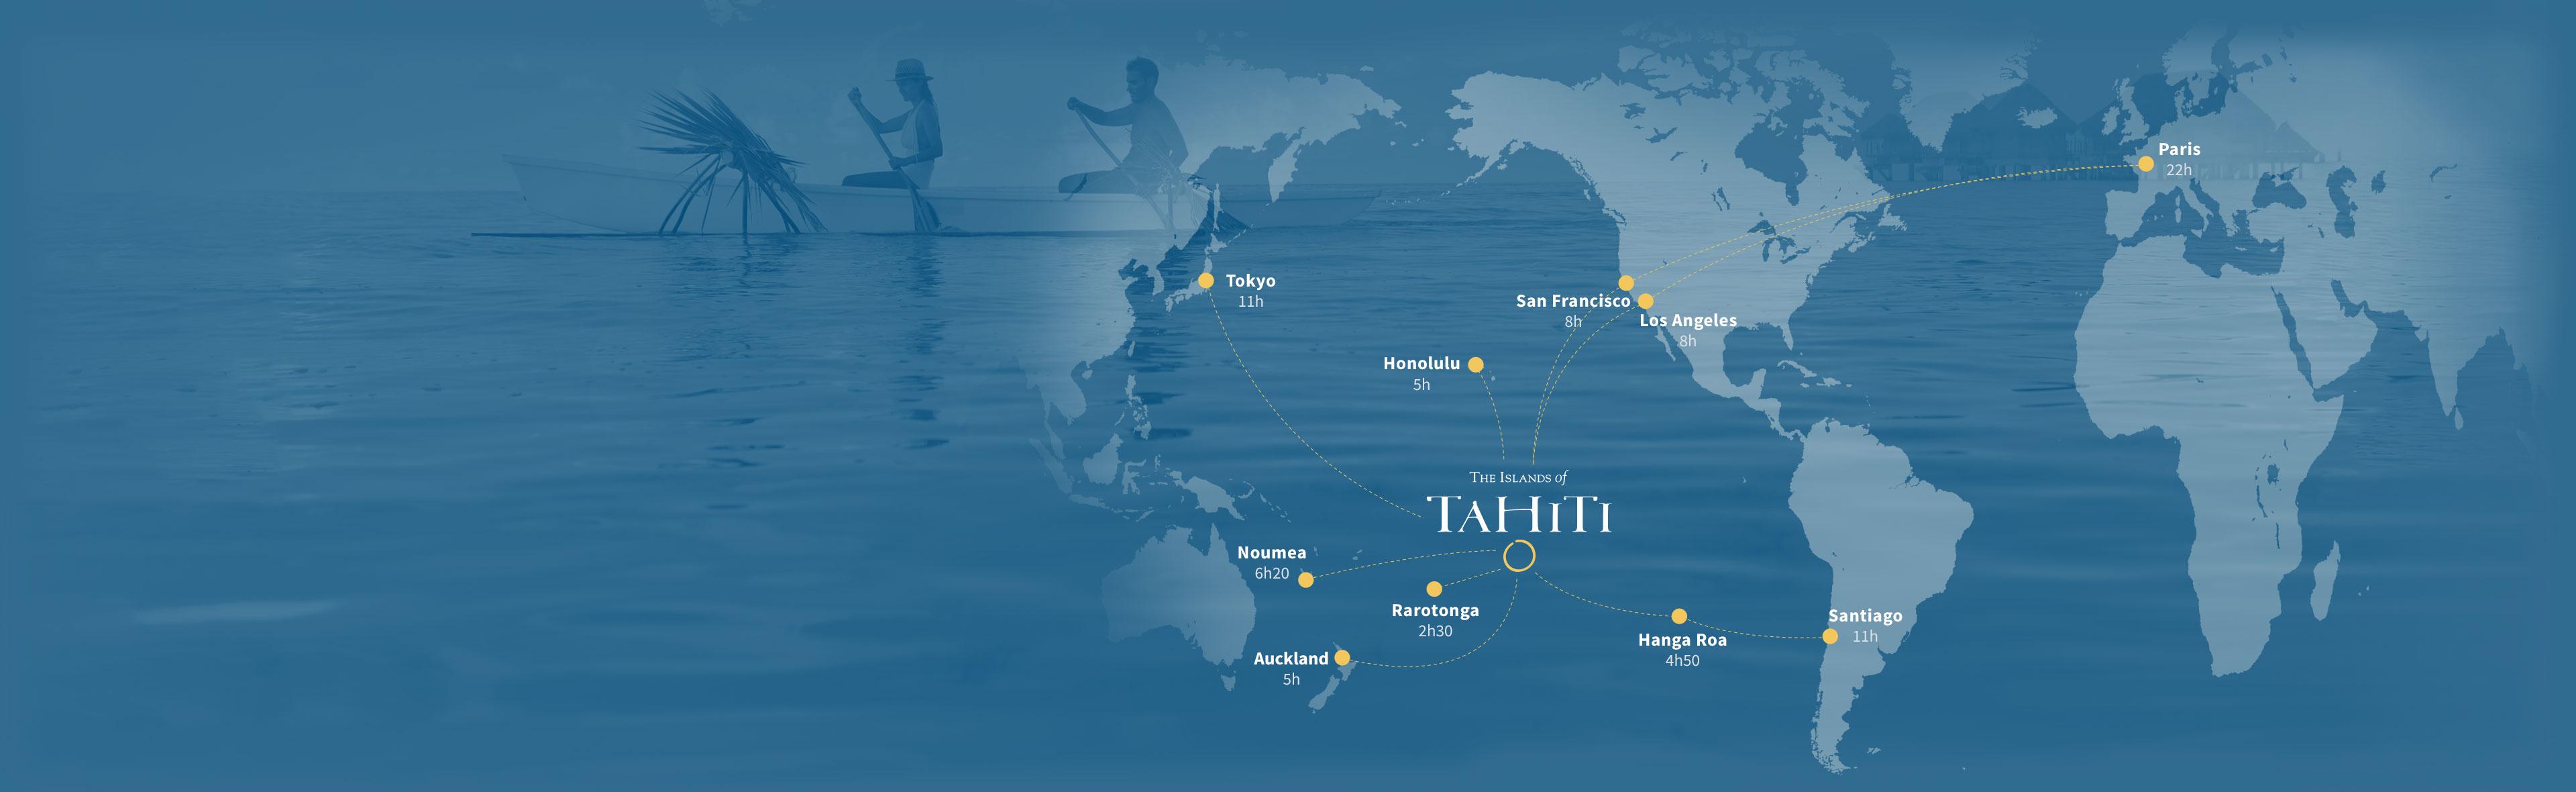 Tahiti Tourisme | Visit Tahiti, Bora Bora, Moorea & More ... on map of china south china sea, map of china yangtze, map of china to america, map of china nanking, map of china yemen, map of china philippines, map of china with hong kong, map of china manchuria, taiwan japan south korea, map of china bangladesh, map of china communism, china and korea, map of china and tibet, map of china shanhai, map of china history, map of china india, map of china great wall of china, map of china world, map of china pyongyang, map of china kazakhstan,